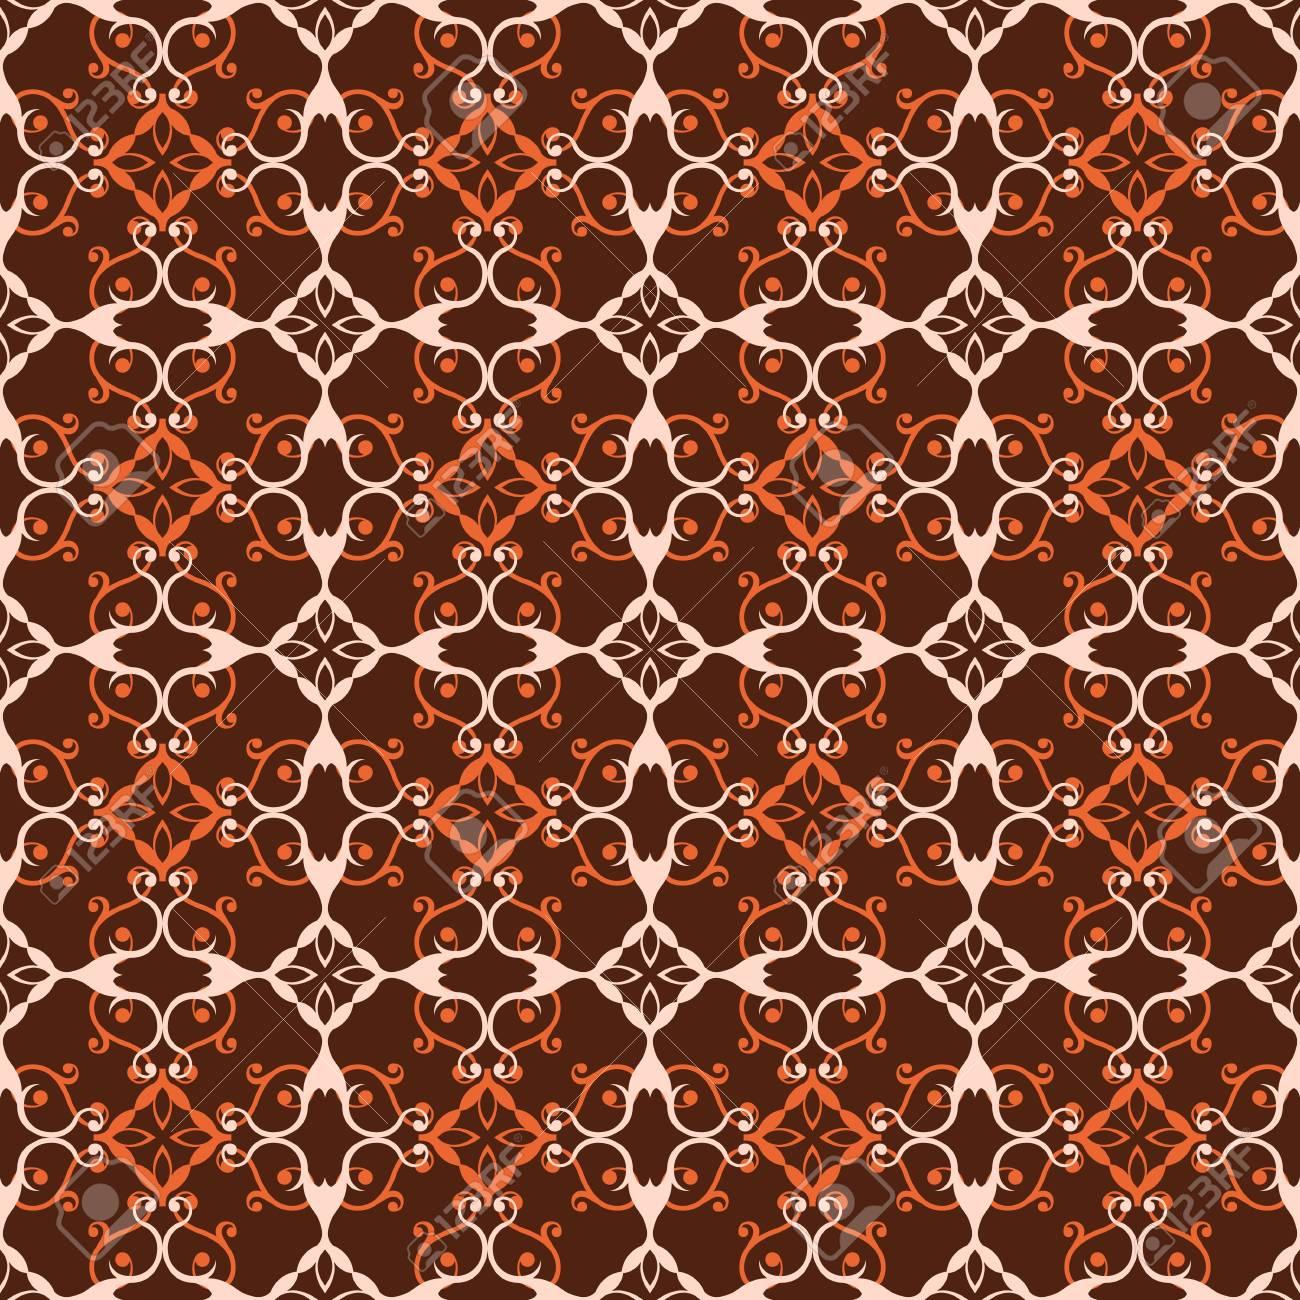 レトロなシームレスな壁紙の背景のイラスト素材 ベクタ Image 80400352